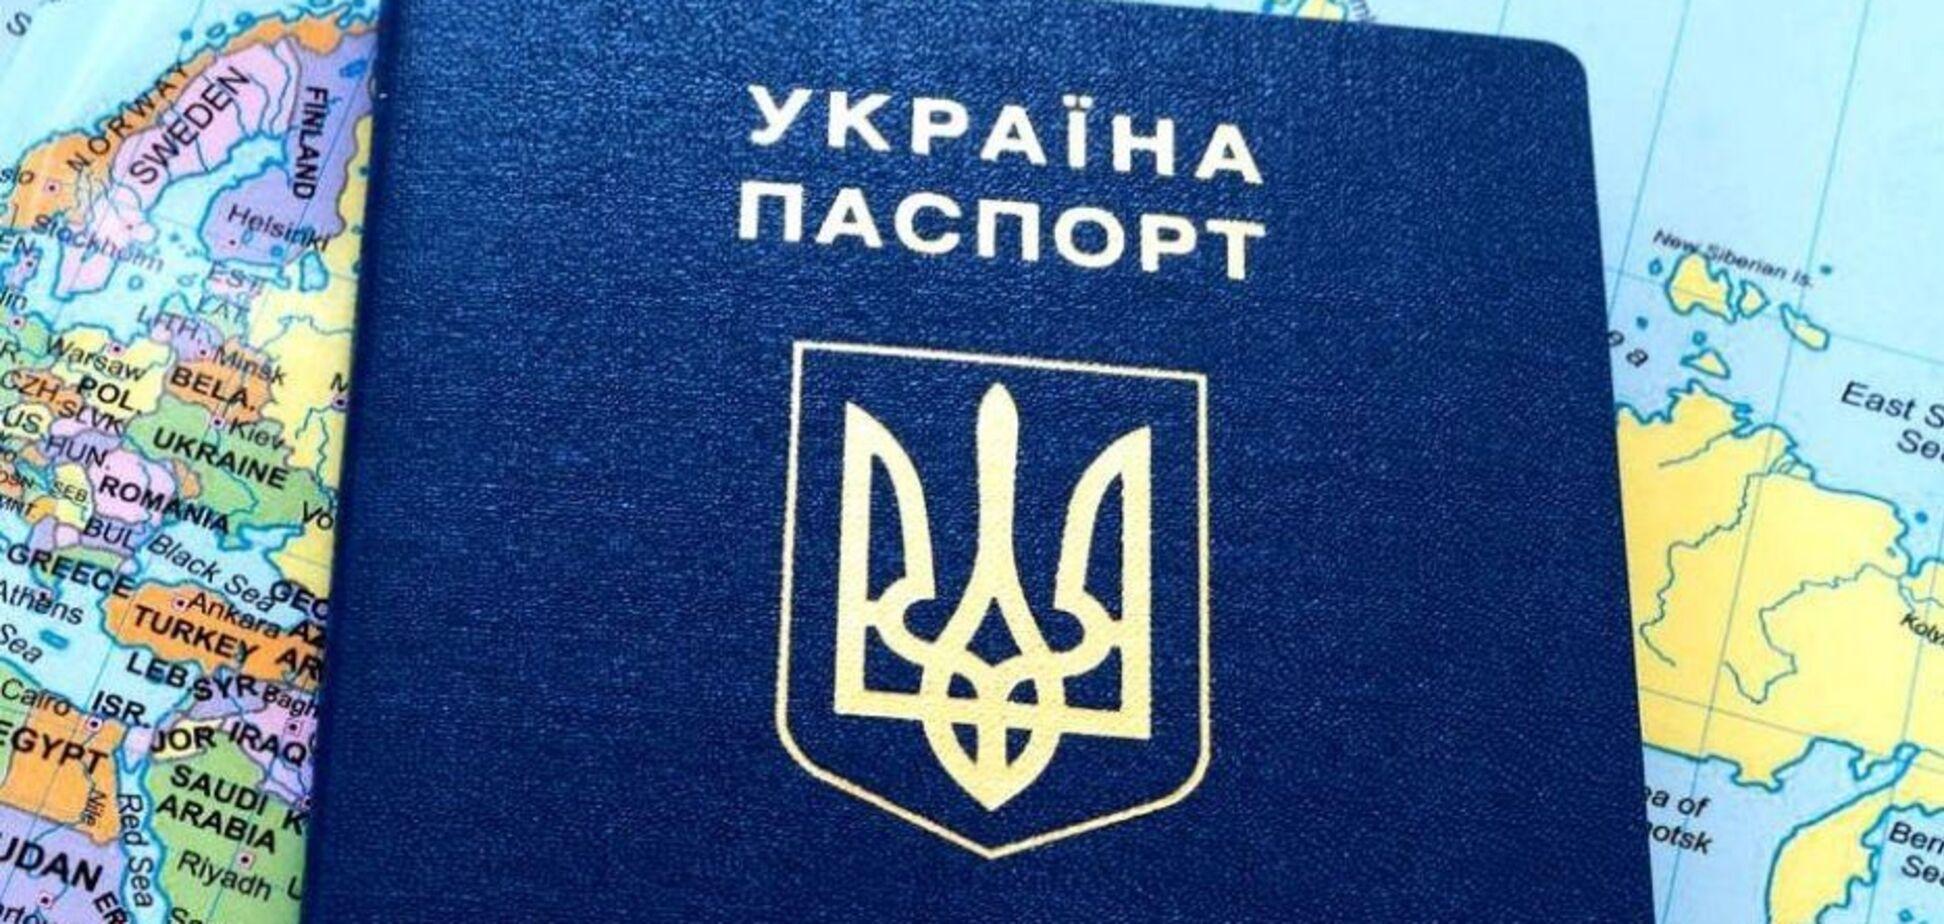 Жінка, яка викинула паспорти України біля аеропорту, заявила про погрози